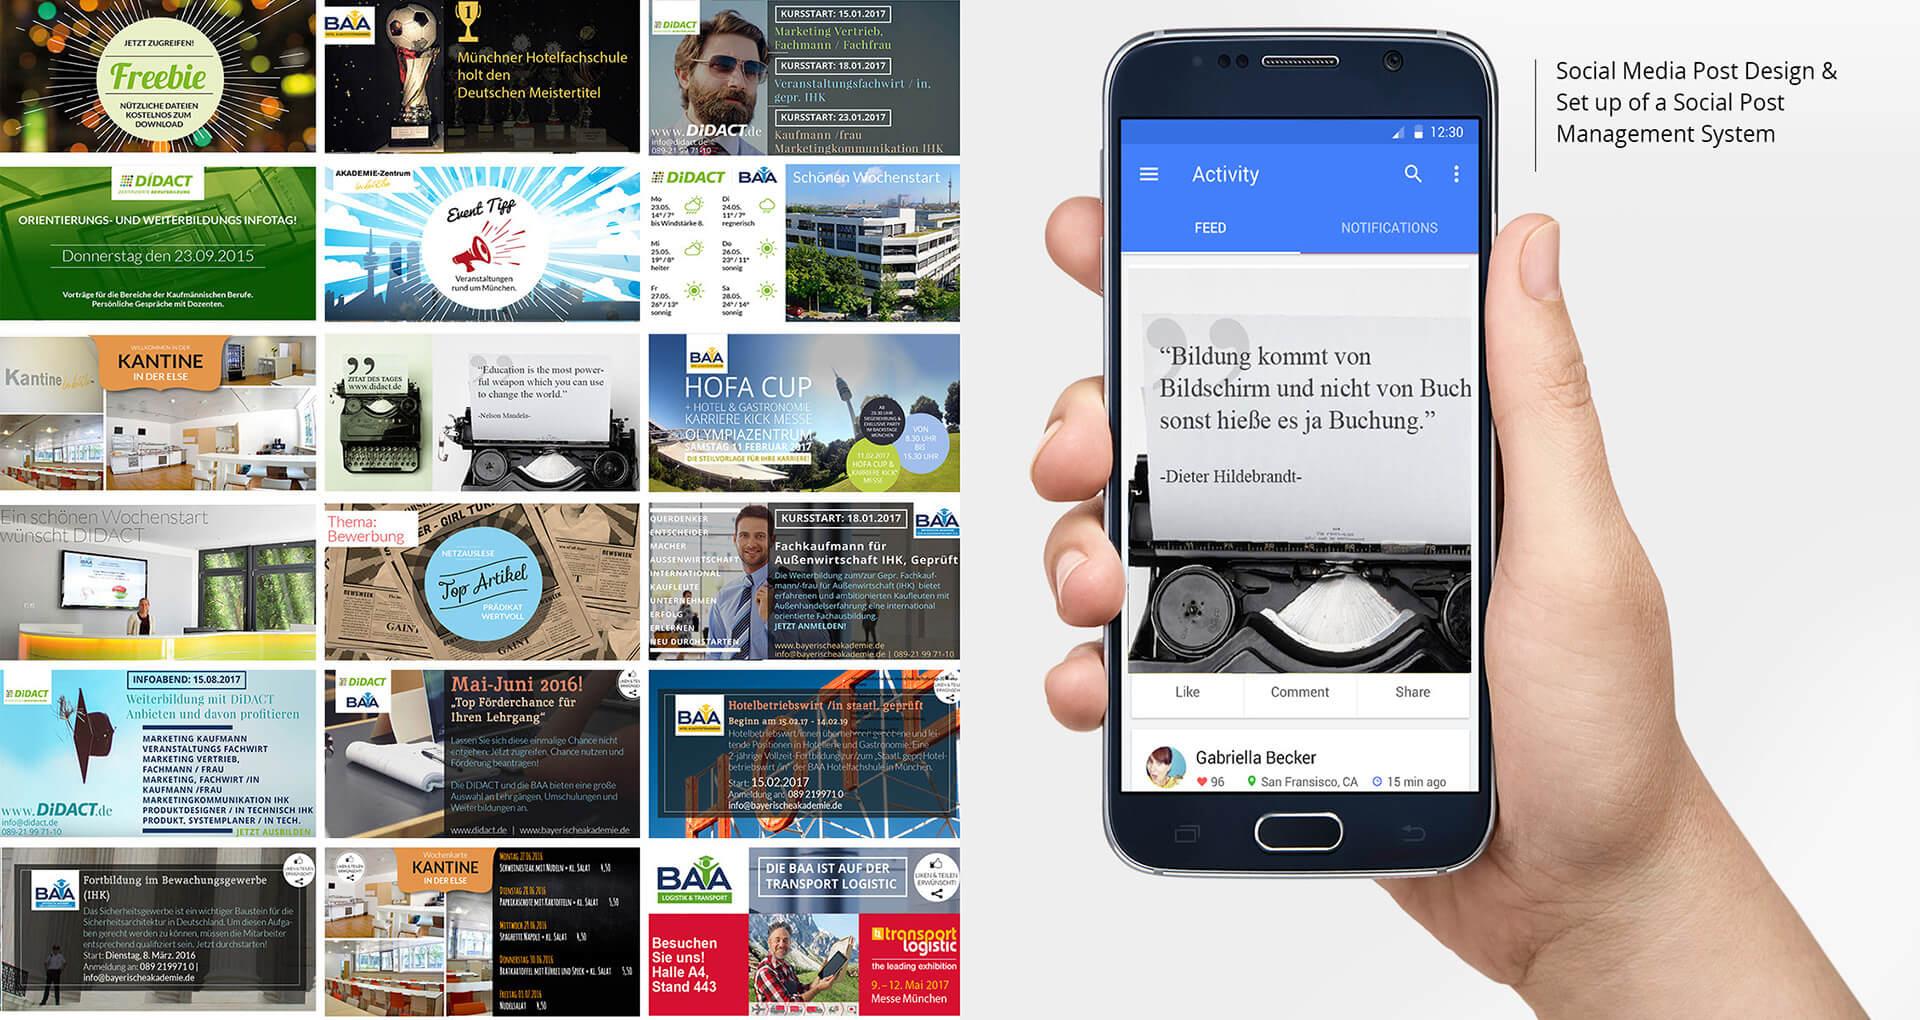 webdesign online marketing wordpress social media marketing html5 css newsletter responsive banner 001